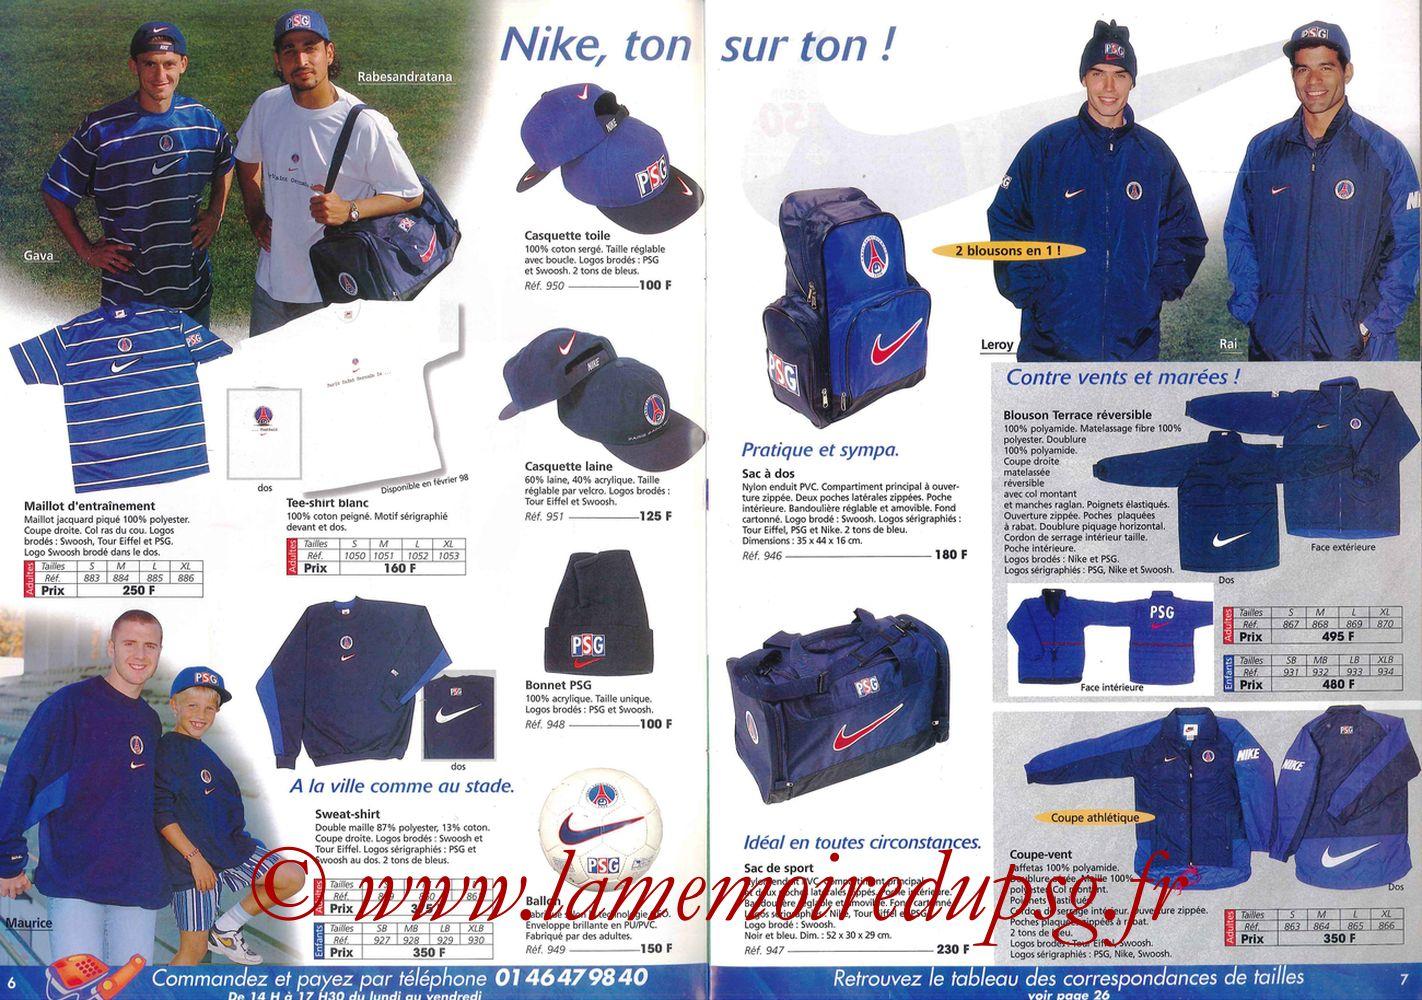 Catalogue PSG - 1997-98 - Pages 06 et 07